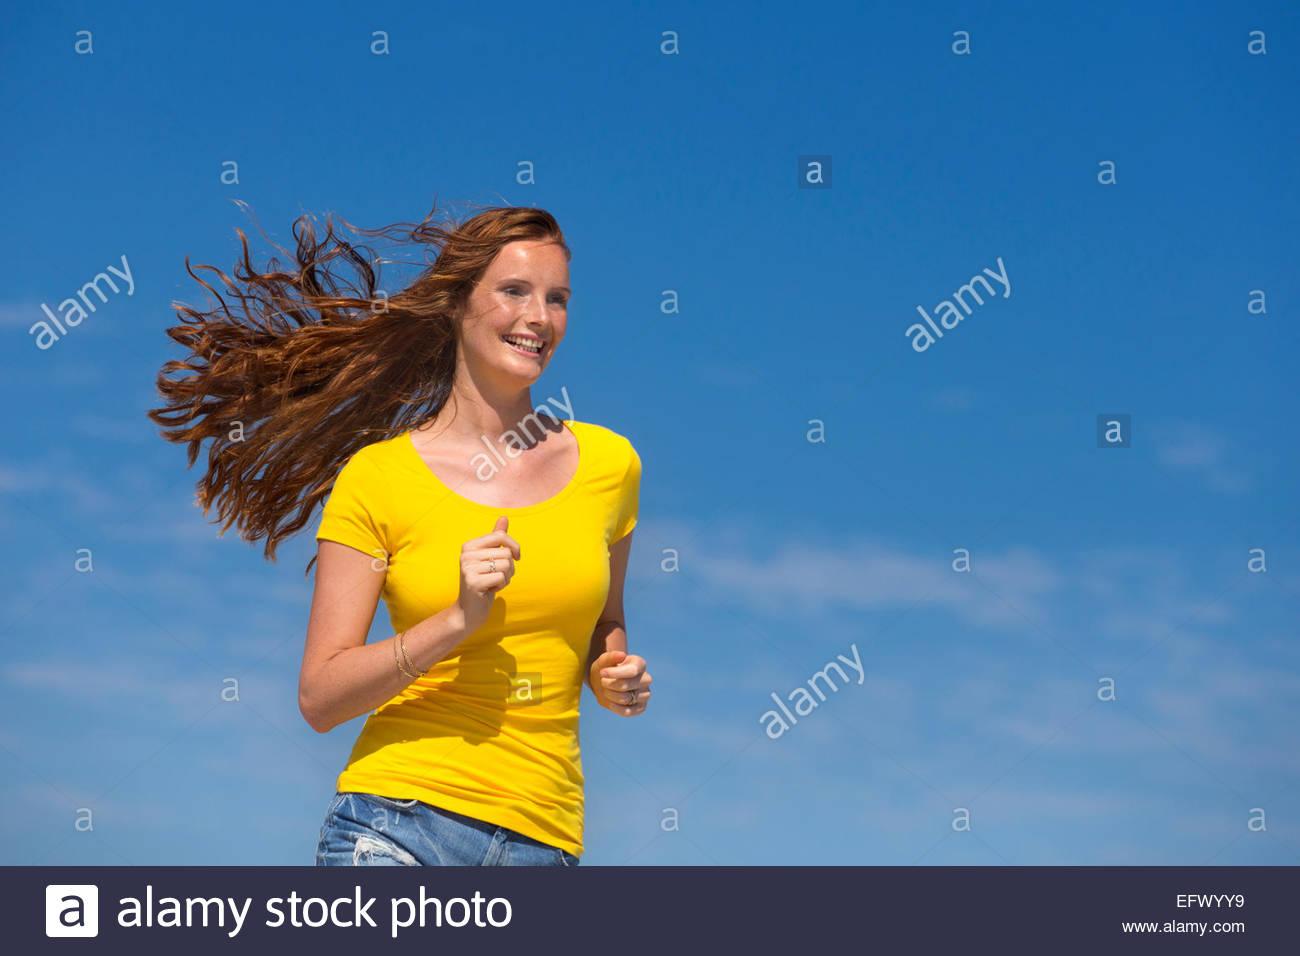 Mujer sonriente con fondo de cielo azul Imagen De Stock